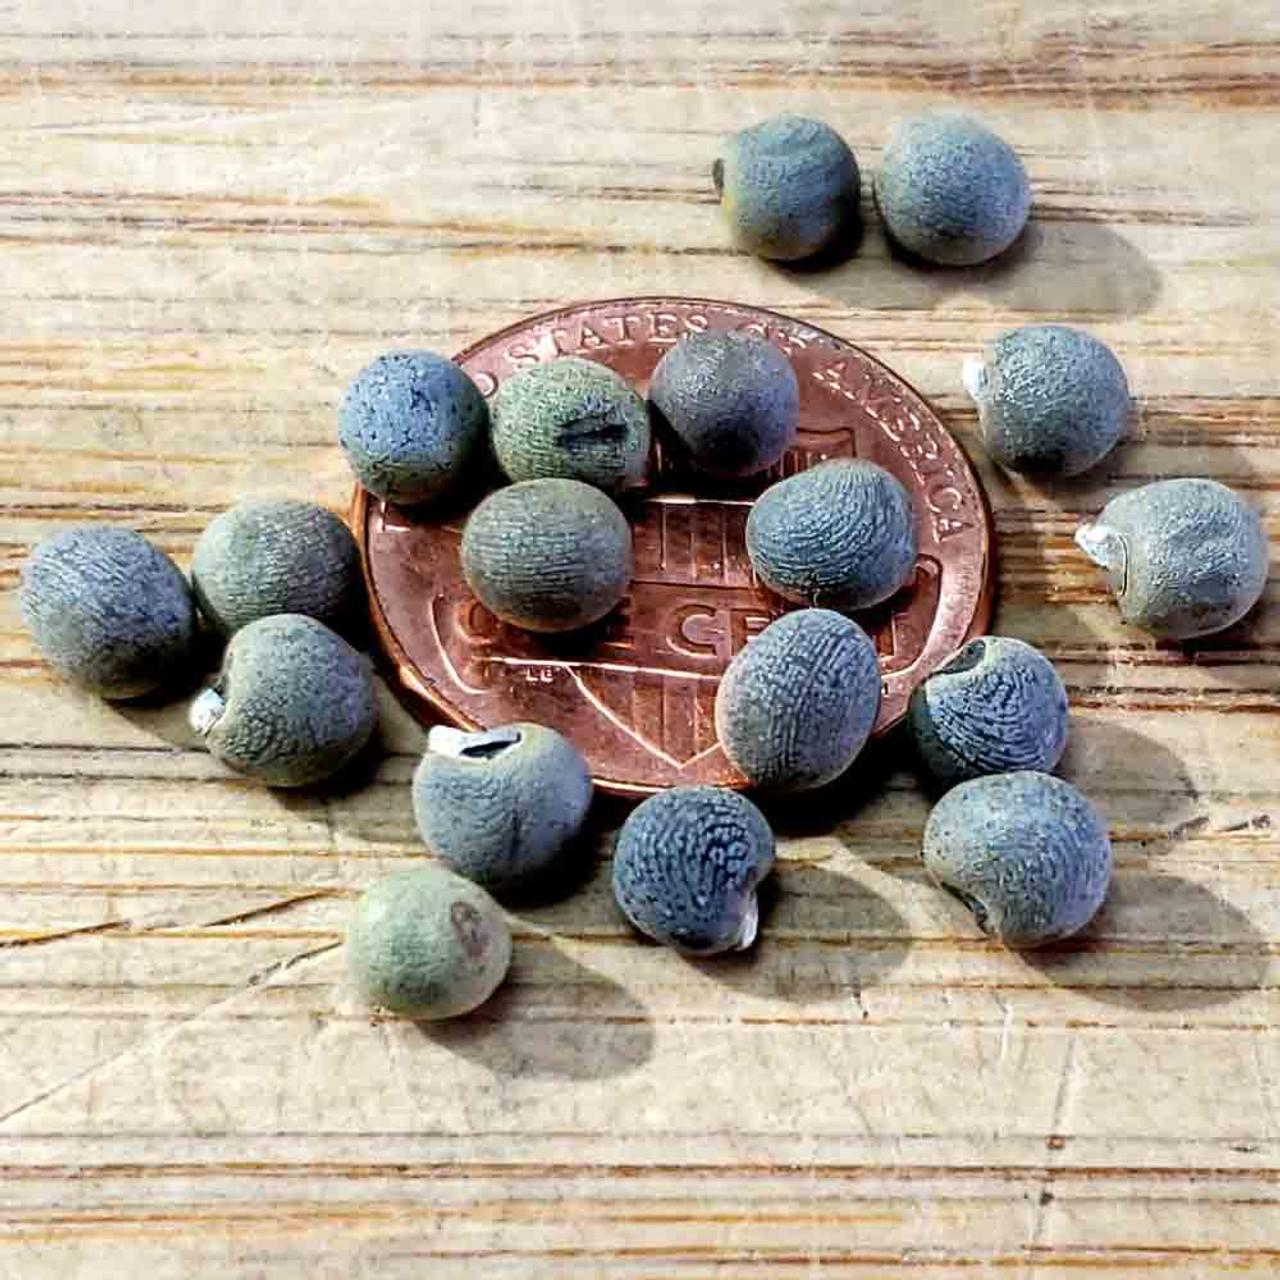 Clemson Spineless 80 Heirloom Okra Seeds Terroir Seeds